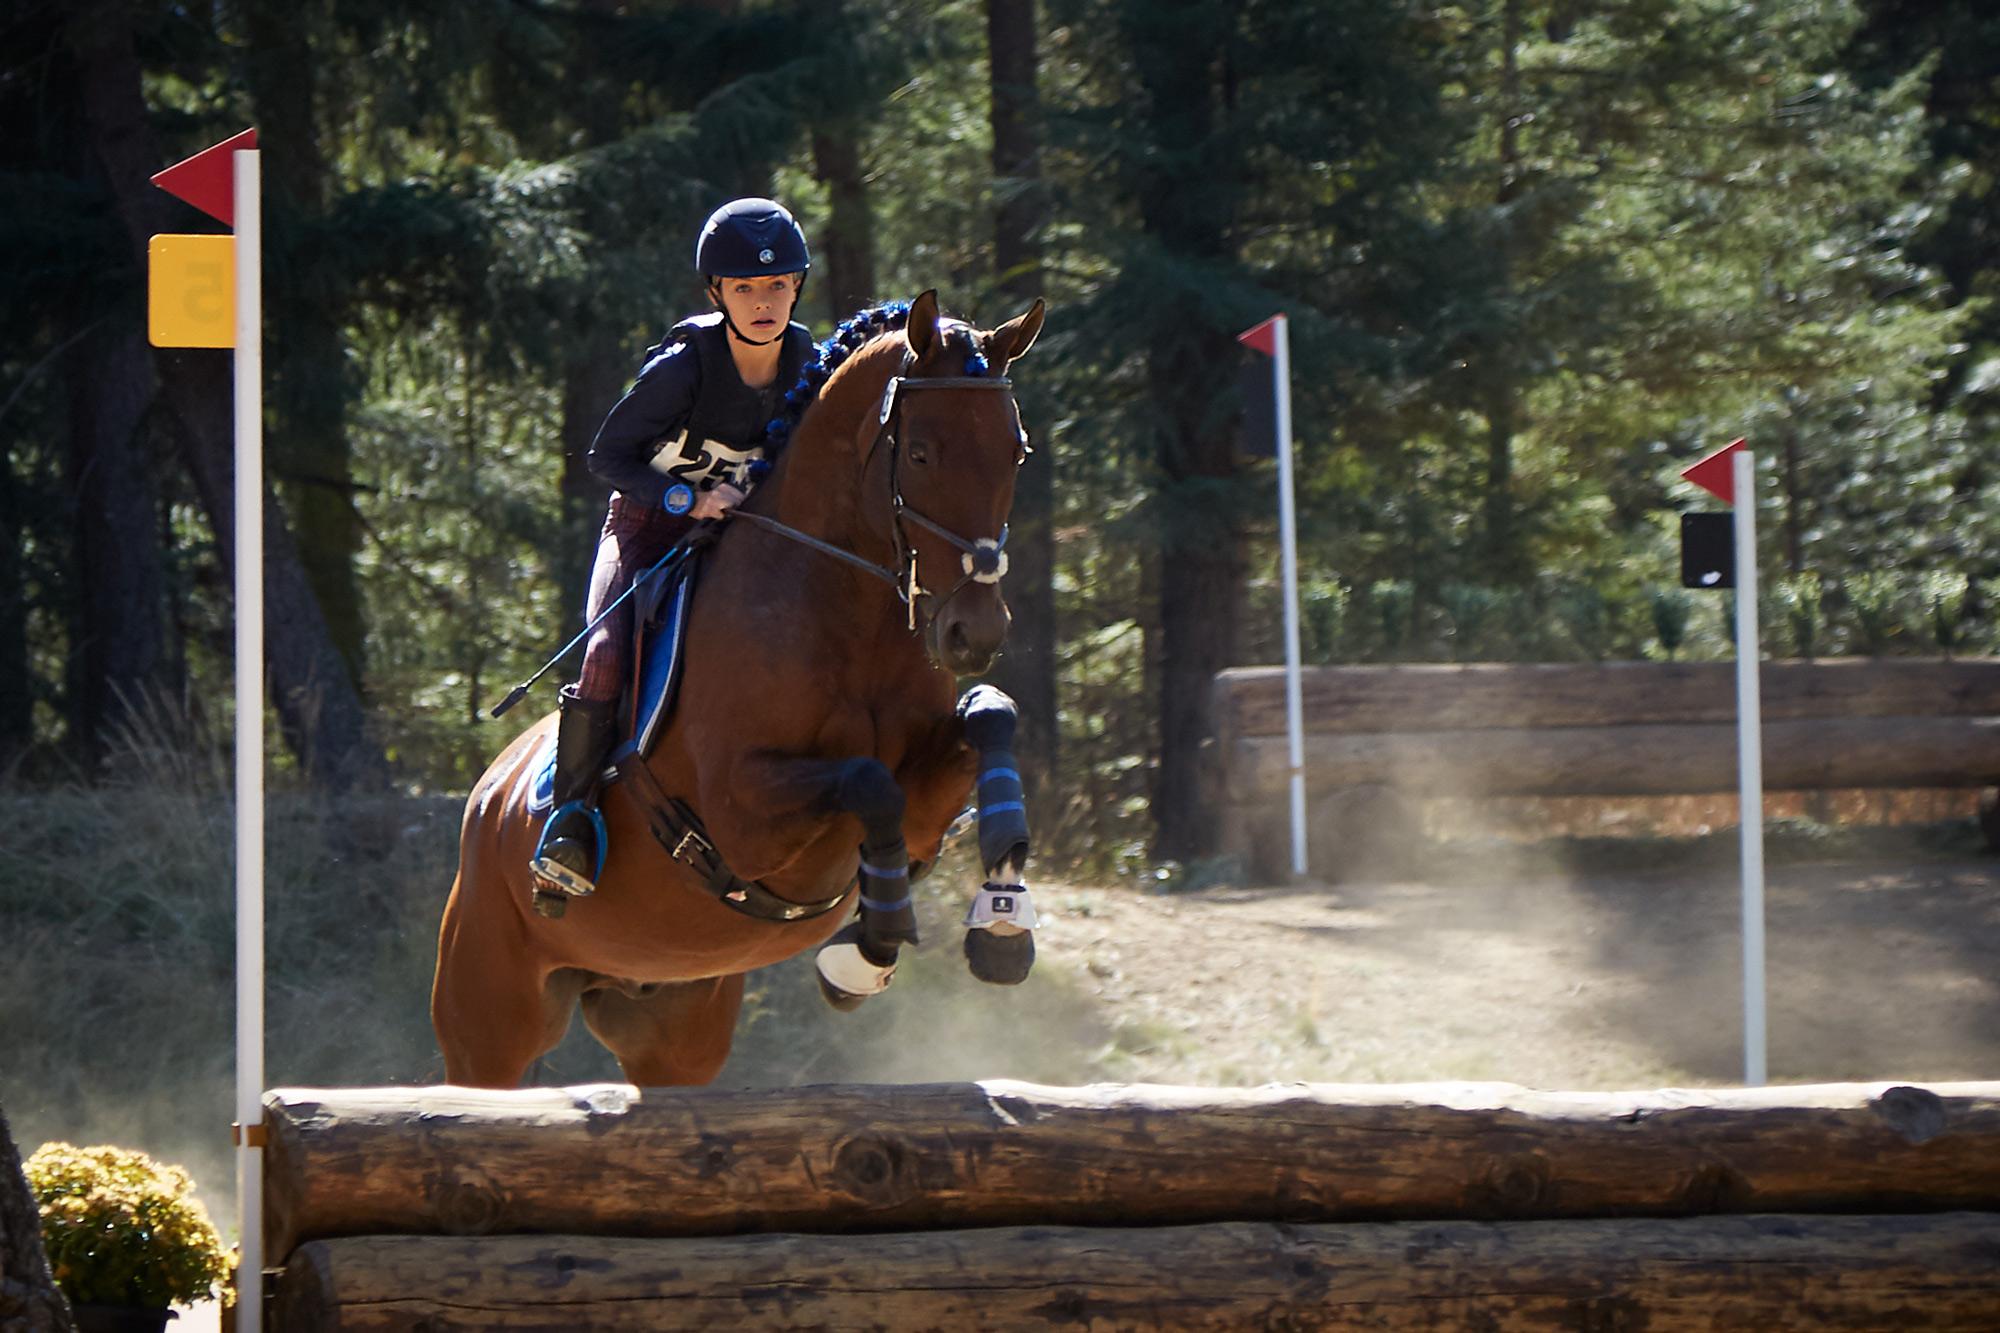 092417_horse-show_085b.jpg